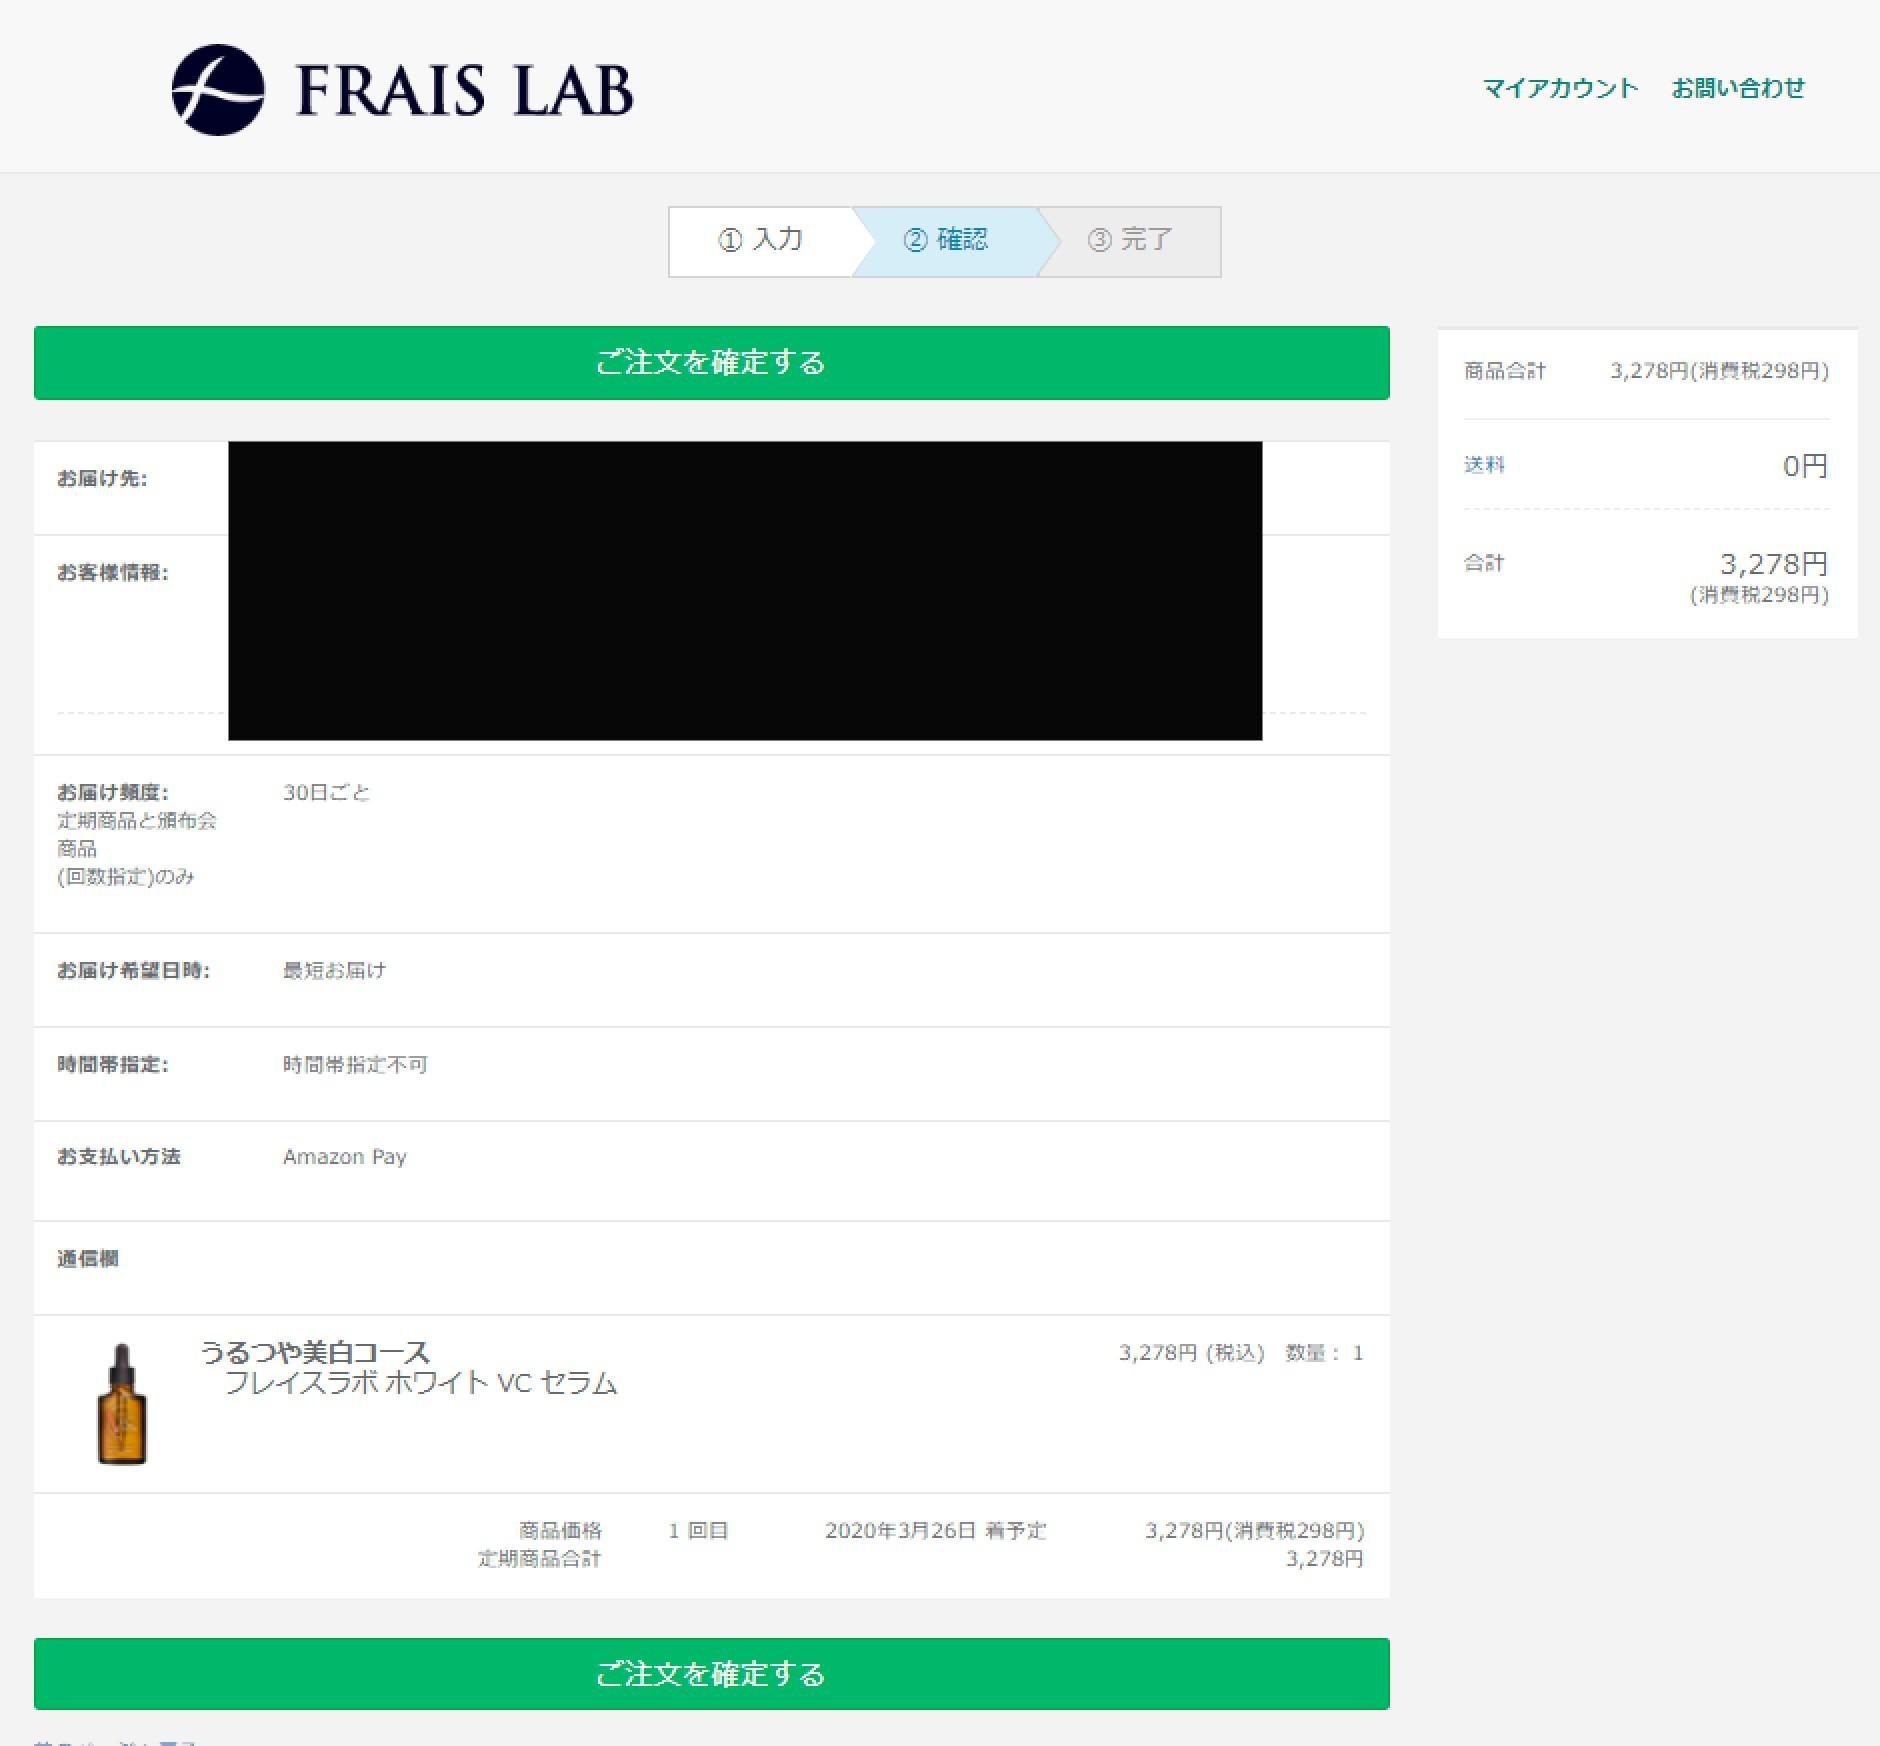 フレイスラボホワイトVCセラム申し込み方法